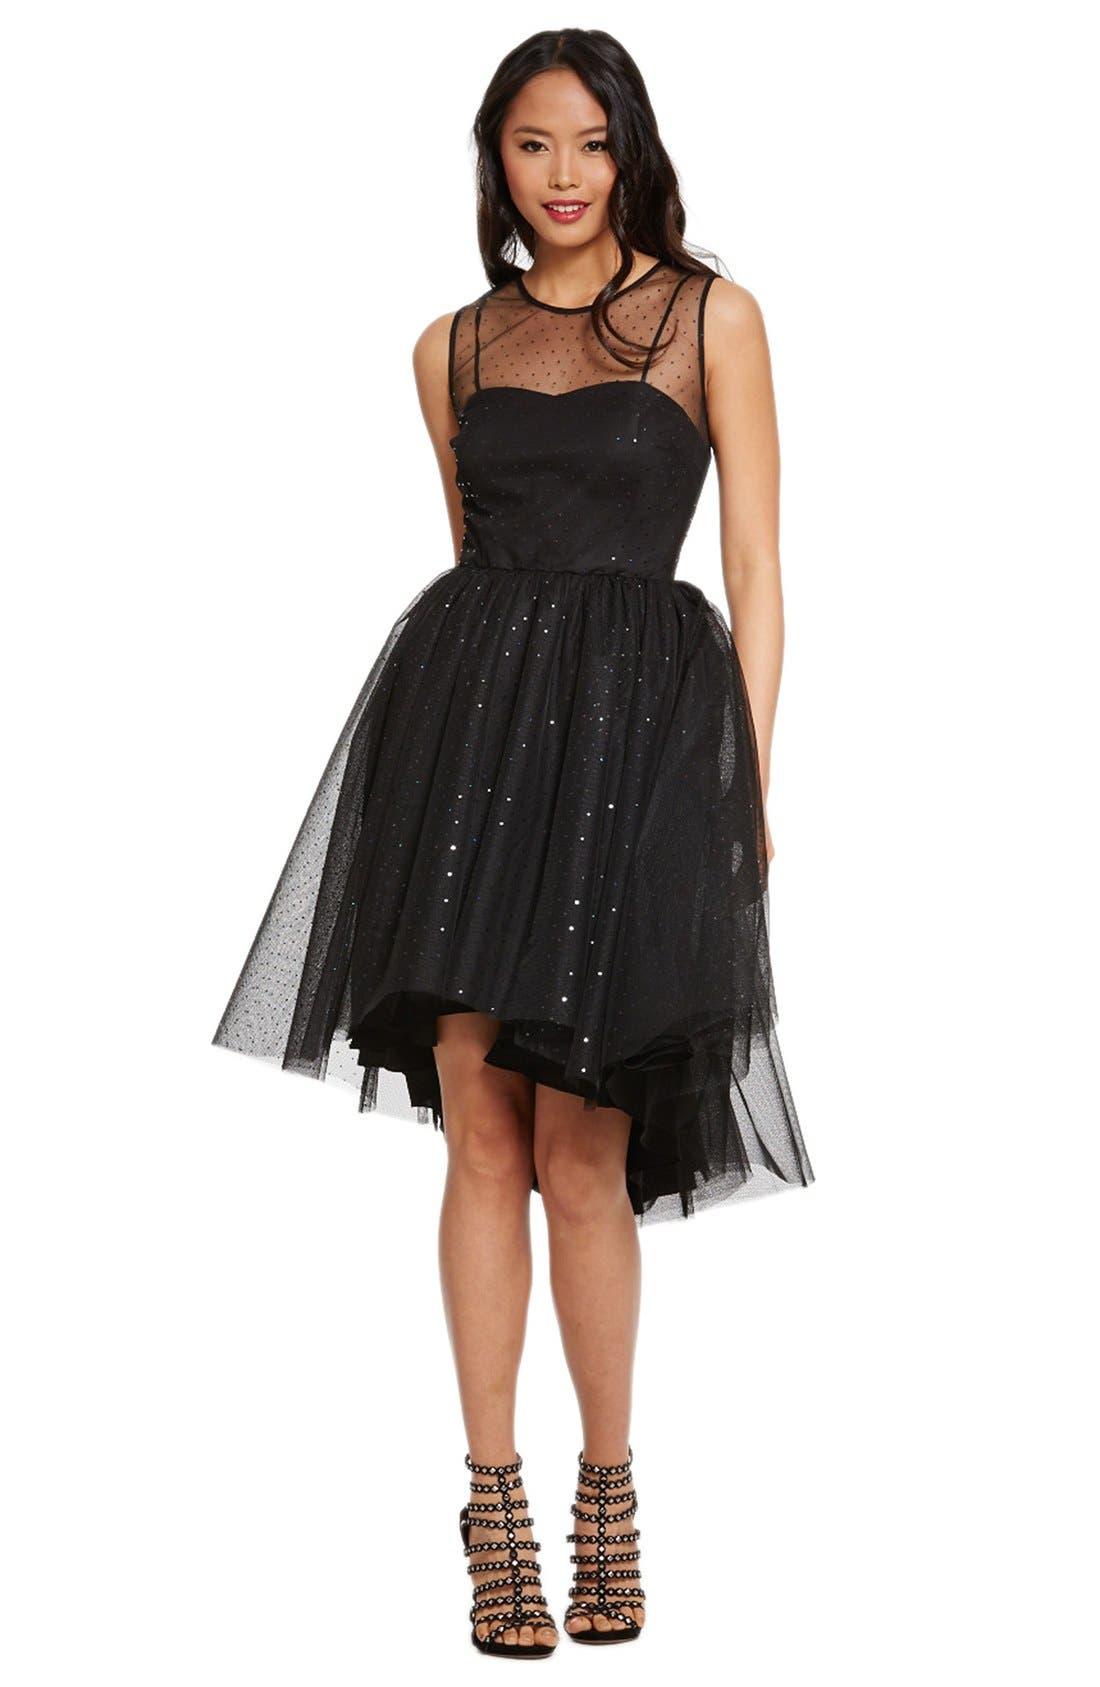 Alternate Image 1 Selected - Donna Morgan Embellished Tulle Fit & Flare Dress